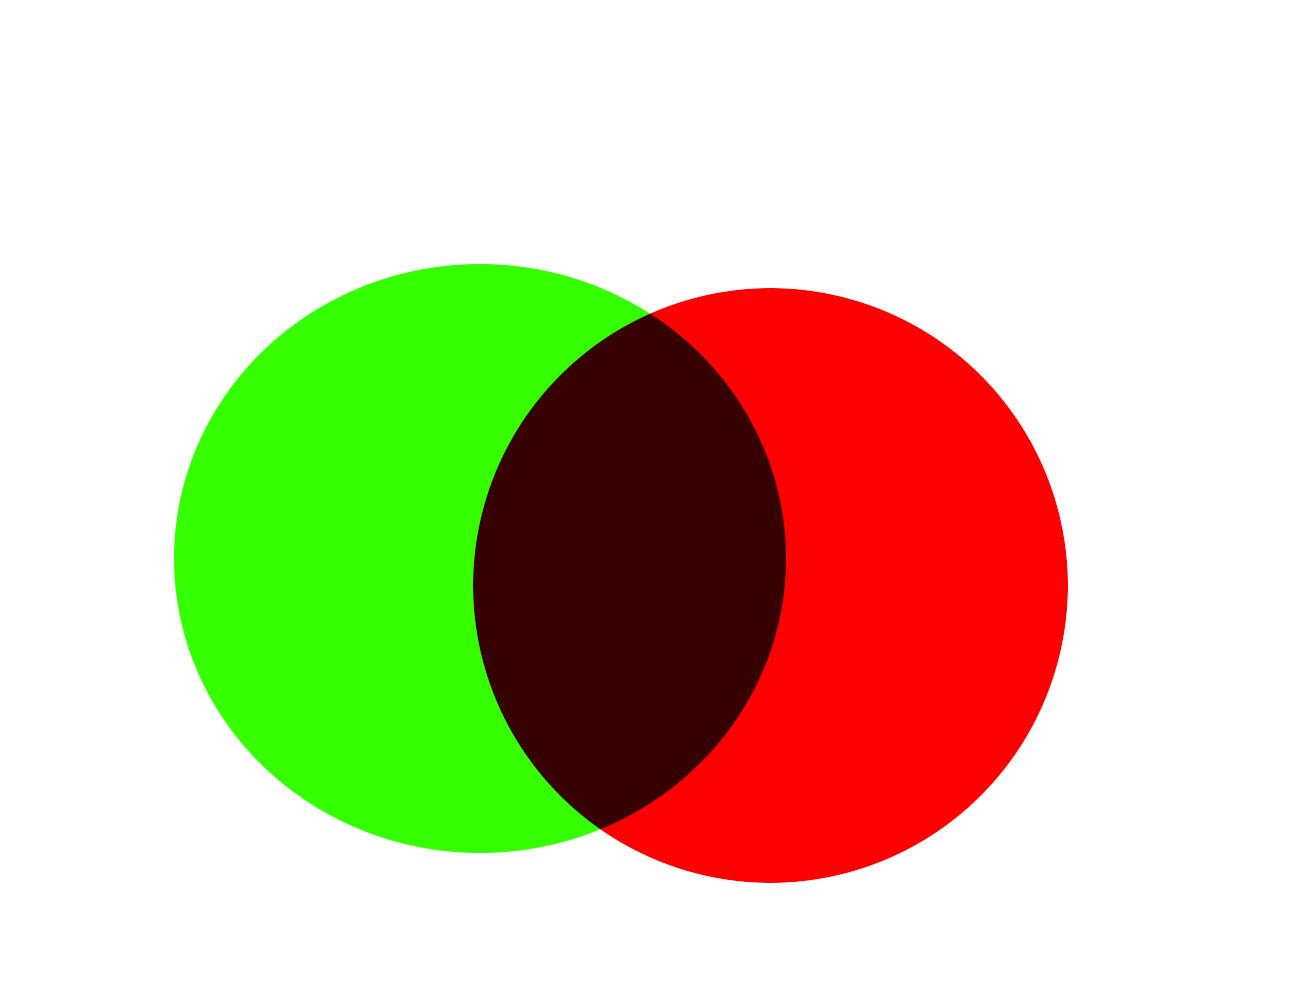 去就色_红色和绿色是对比色,但为什么红色和绿色混合出来是黄色,而不是灰色调